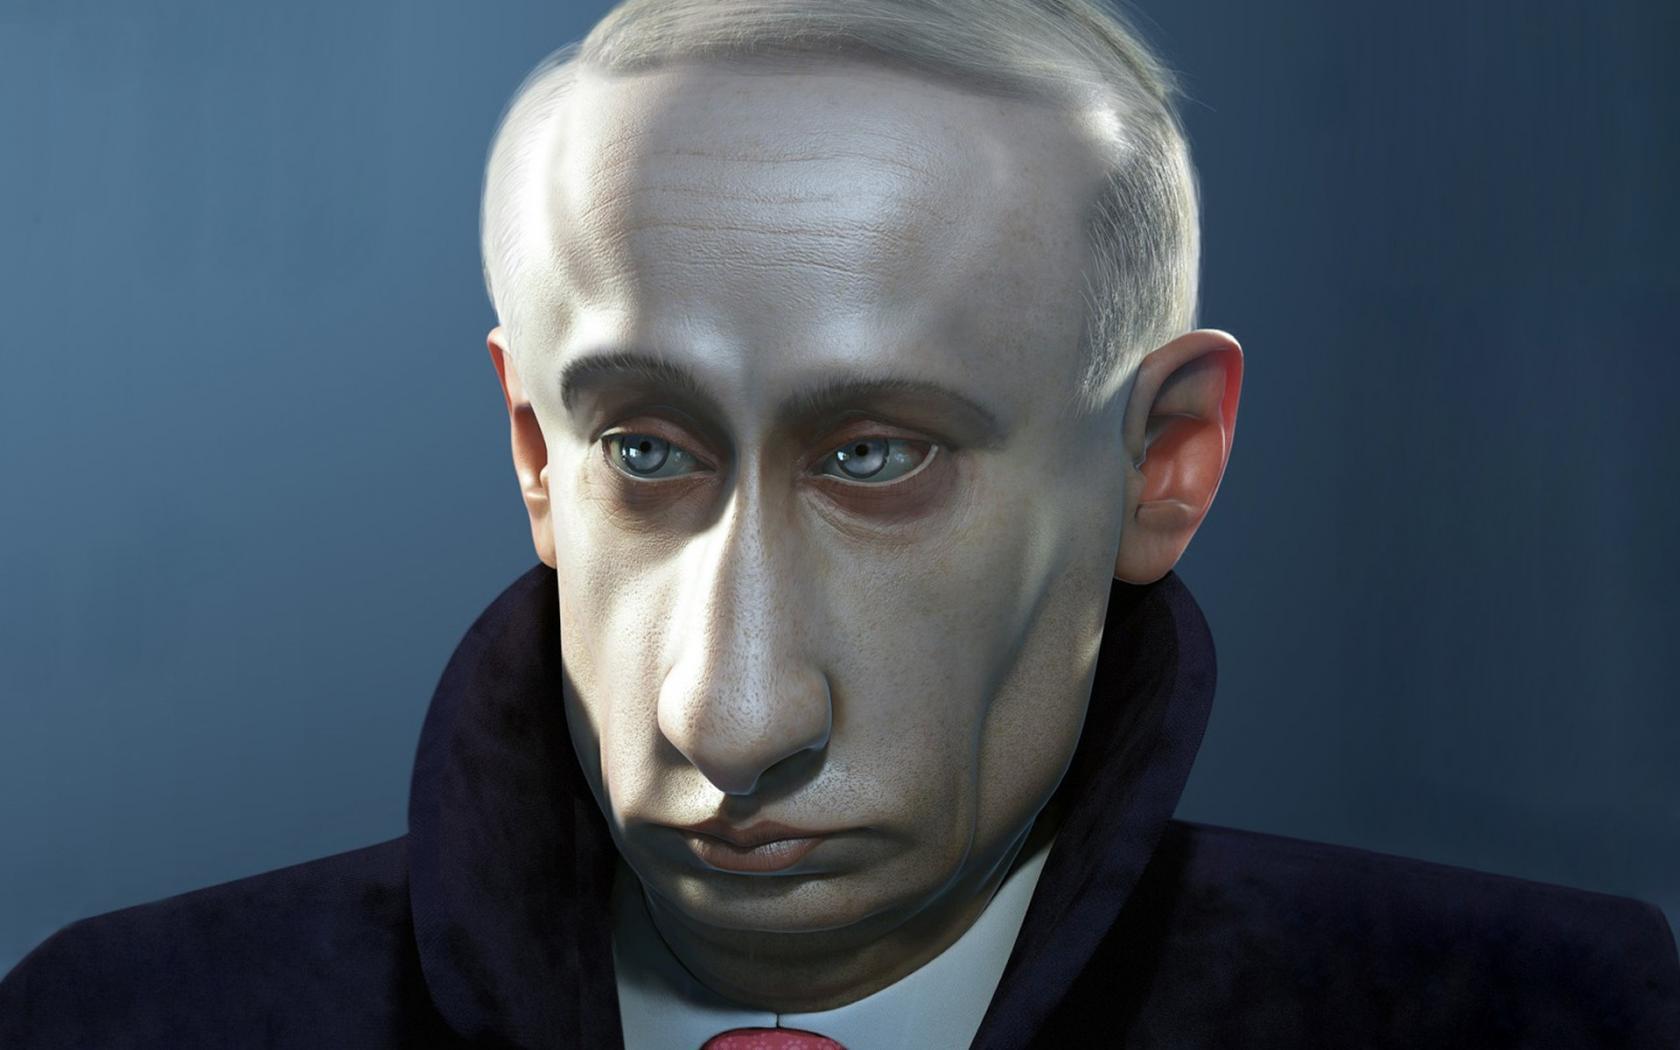 Слава КПСС - Владимир Путин - скачать 3